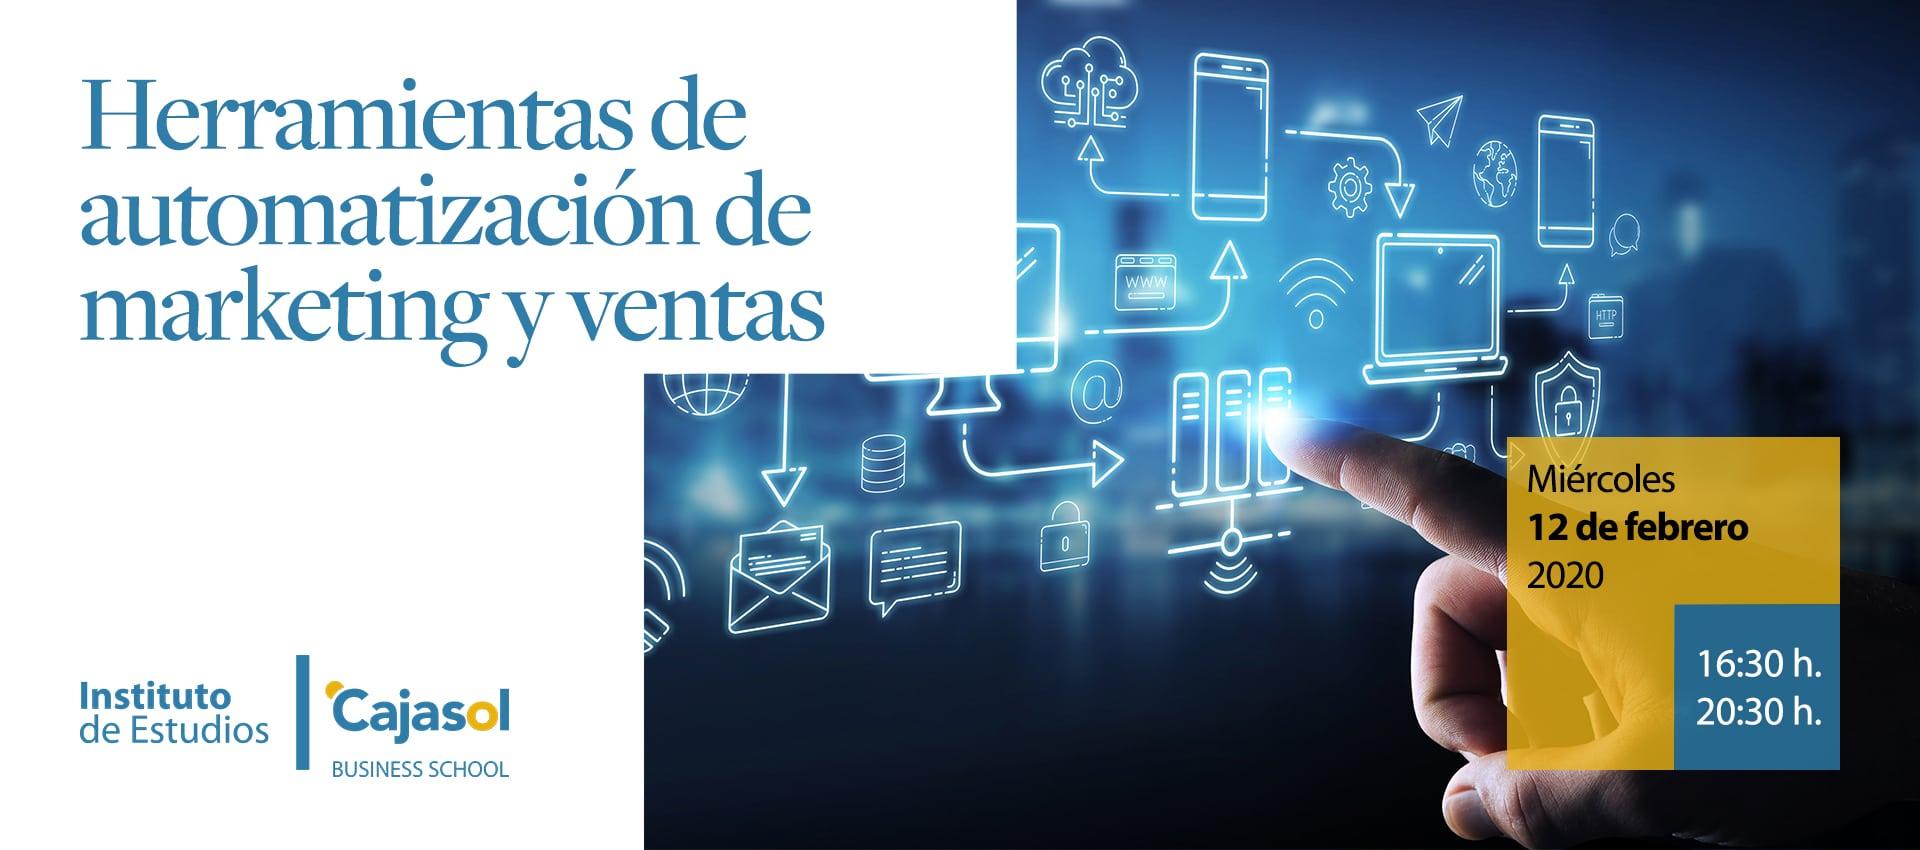 Herramientas de automatizacion de marketing y ventas Escuela de Negocios Sevilla